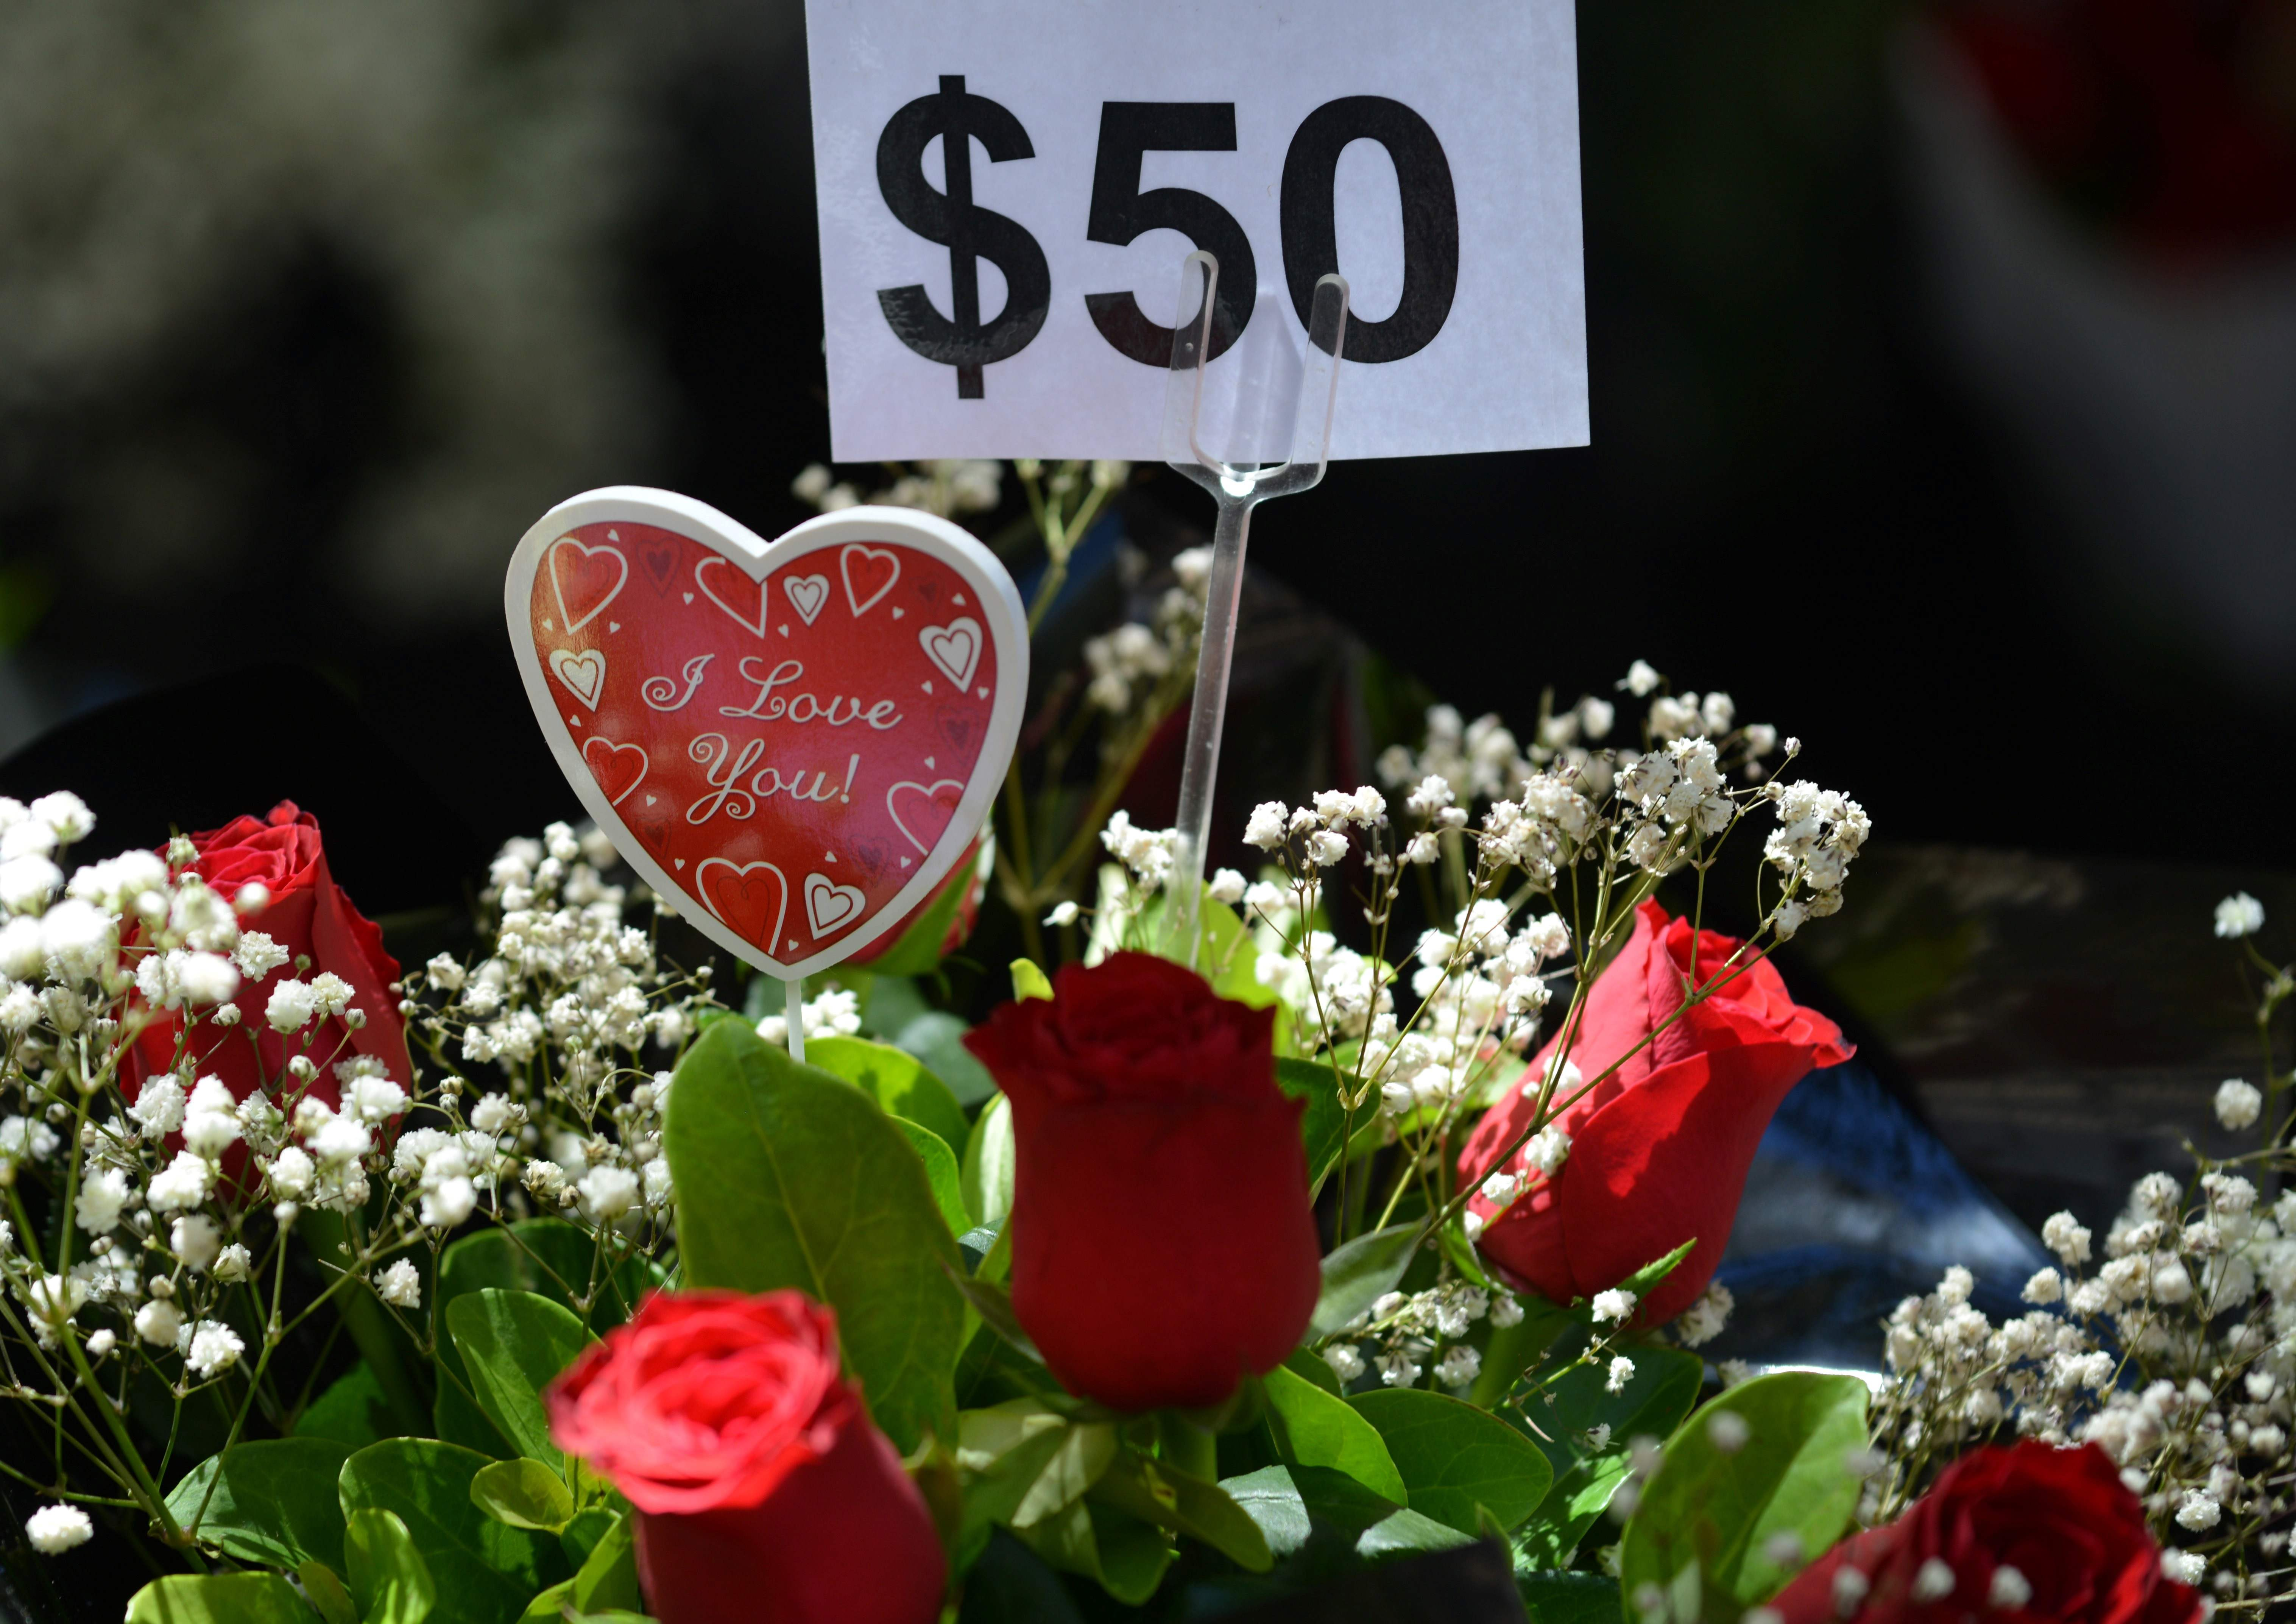 باقة ورد حمراء فى عيد الحب وعليها سعرها باستراليا